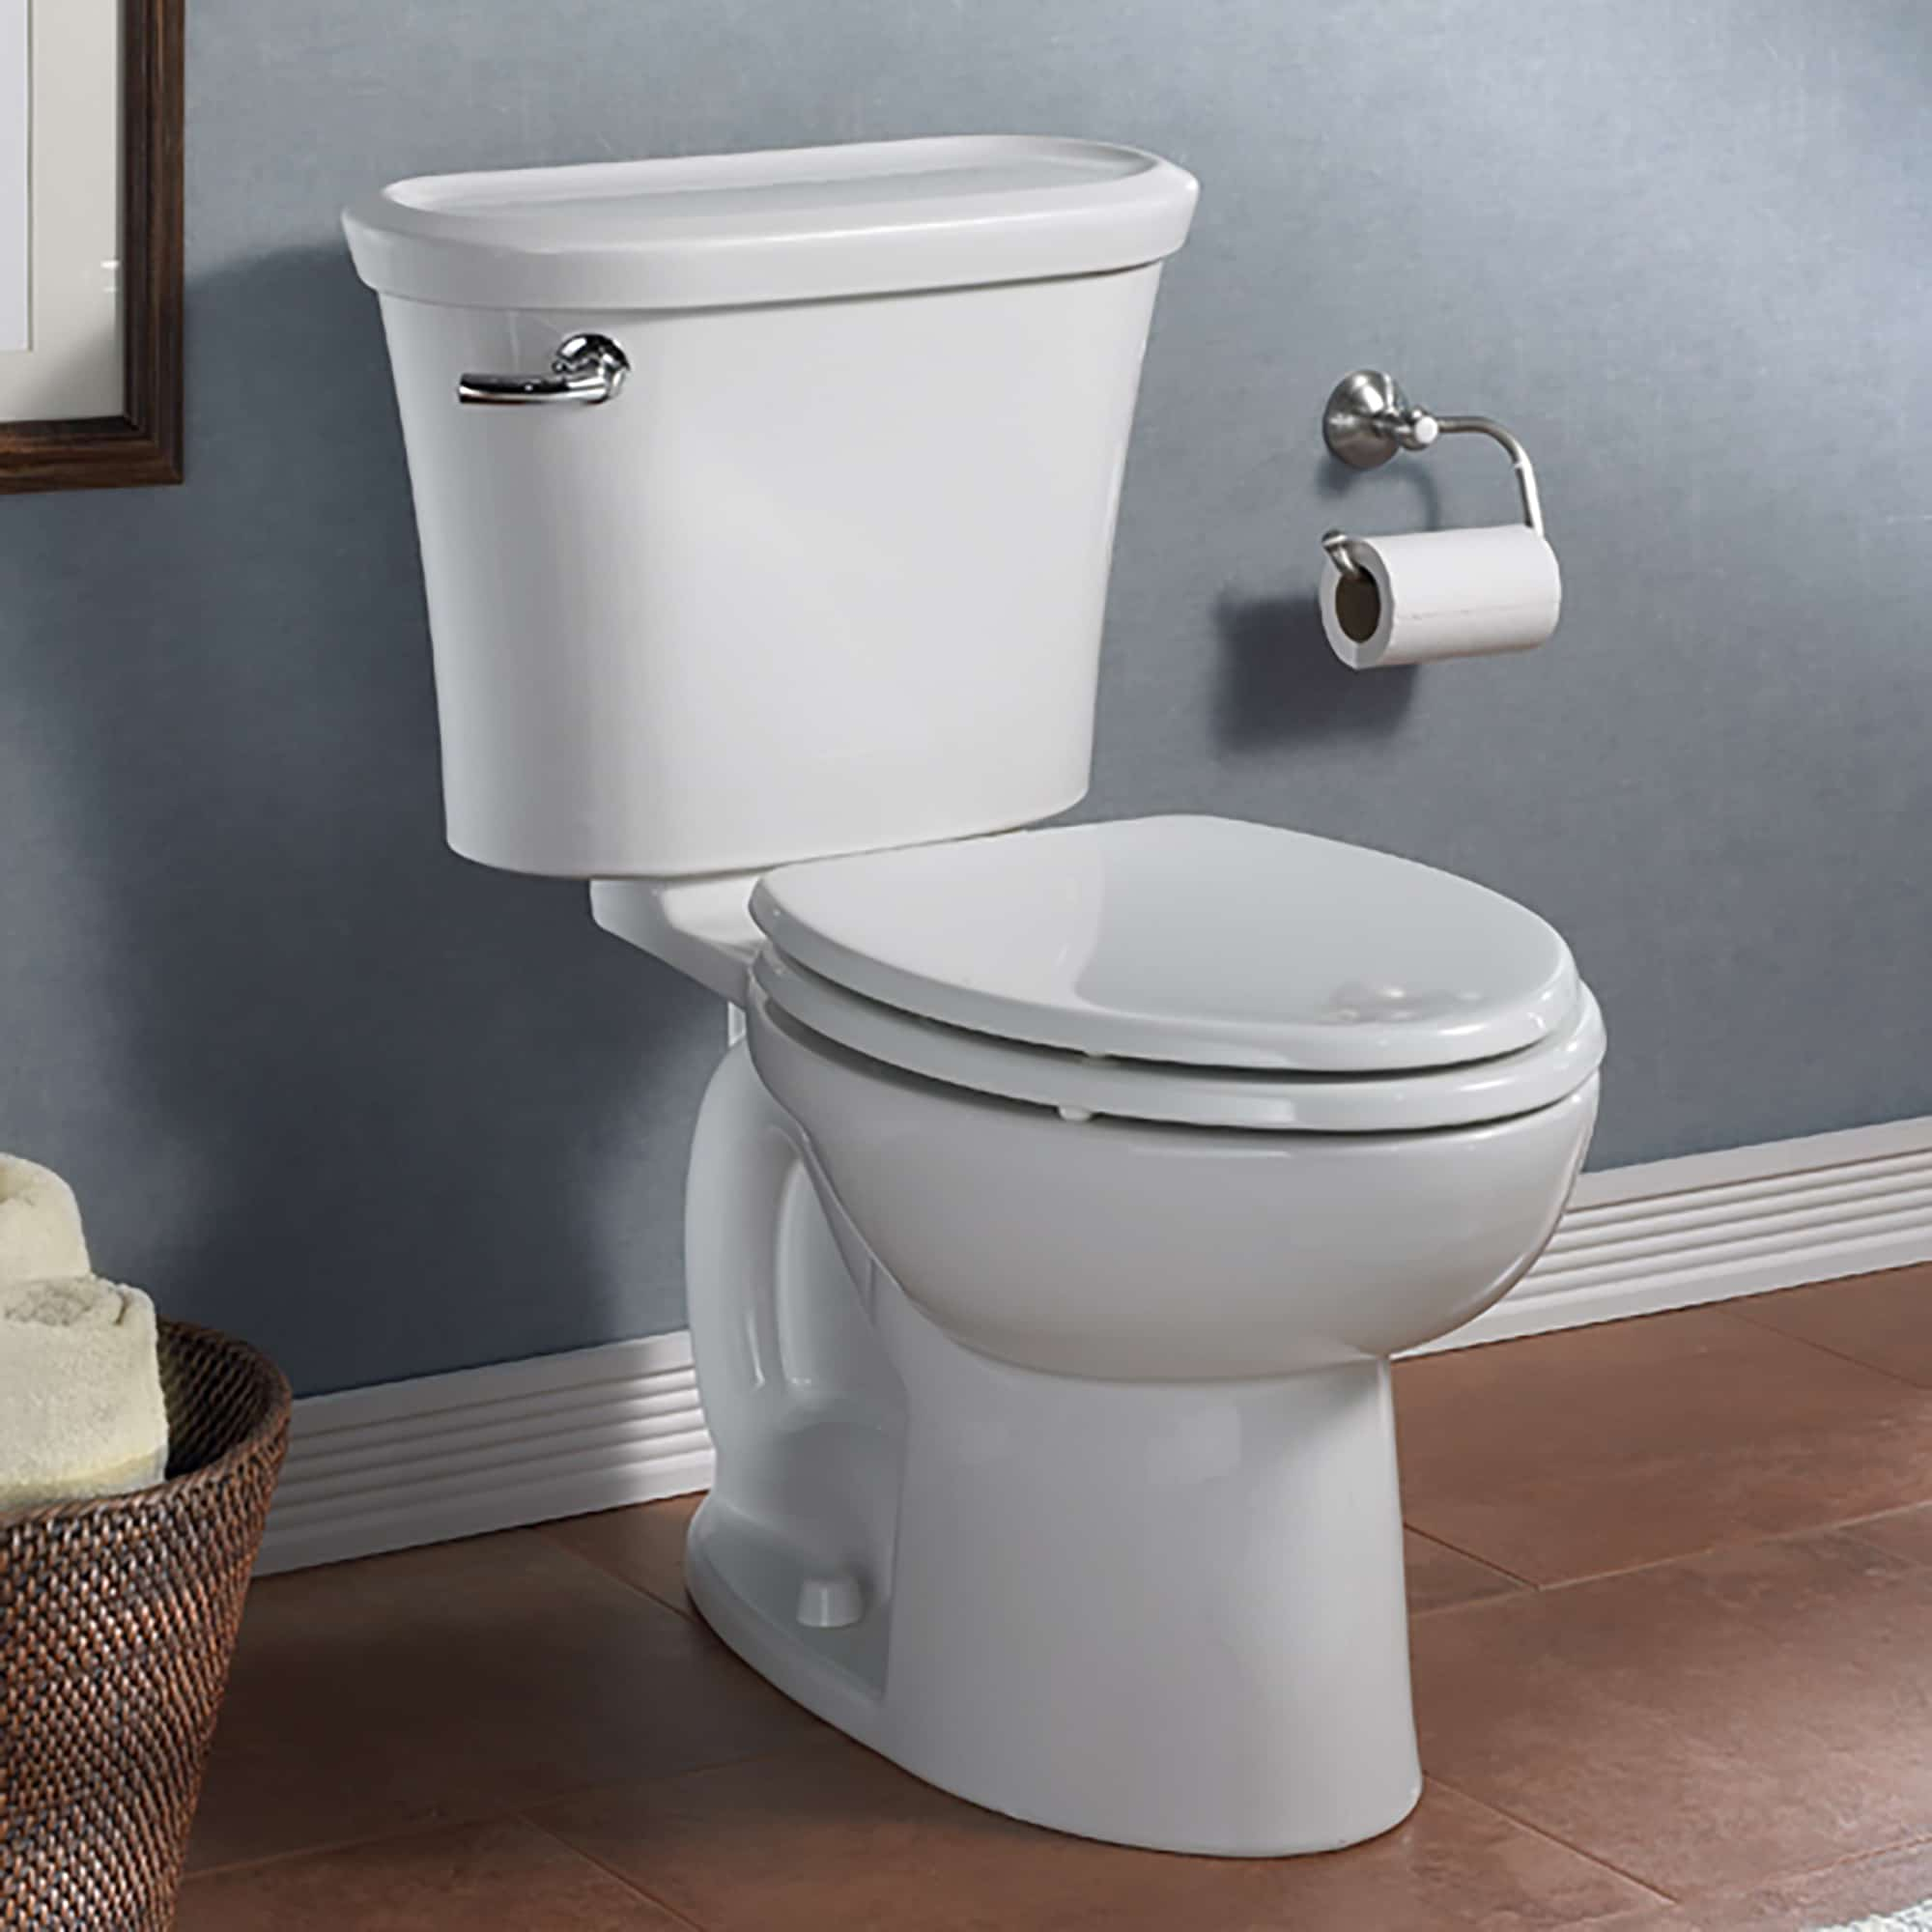 Wc prezzi sanitari sospesi bagno in ceramica wc con - Sanitari per bagno prezzi ...